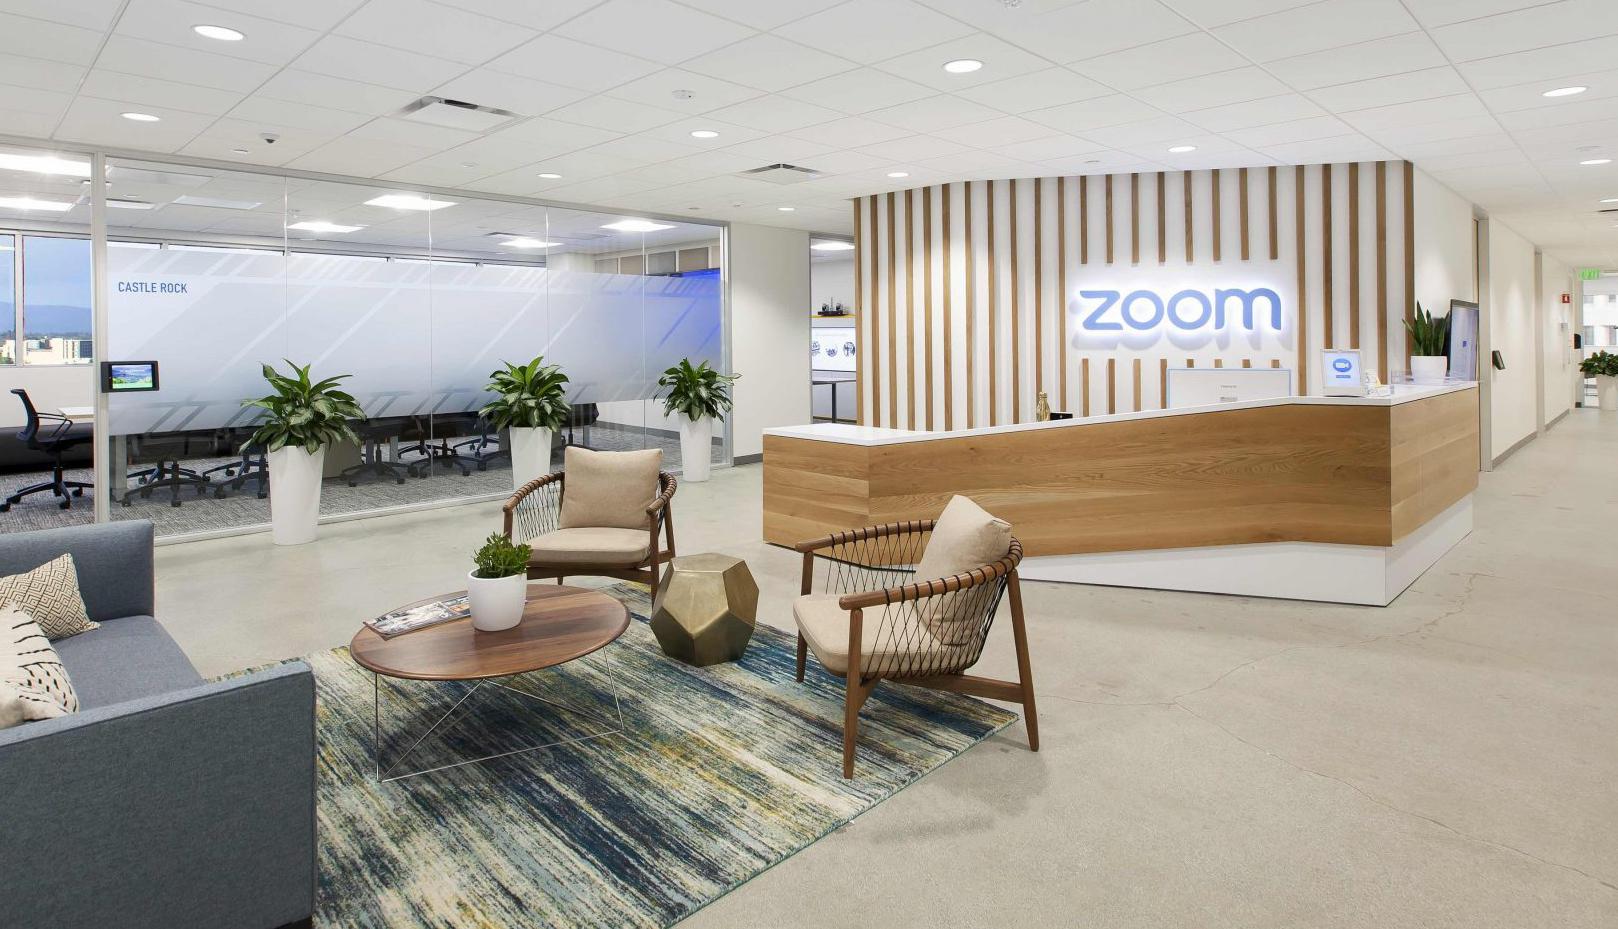 Zoom'dan çalışmanın yeni normaline dair içgörüler